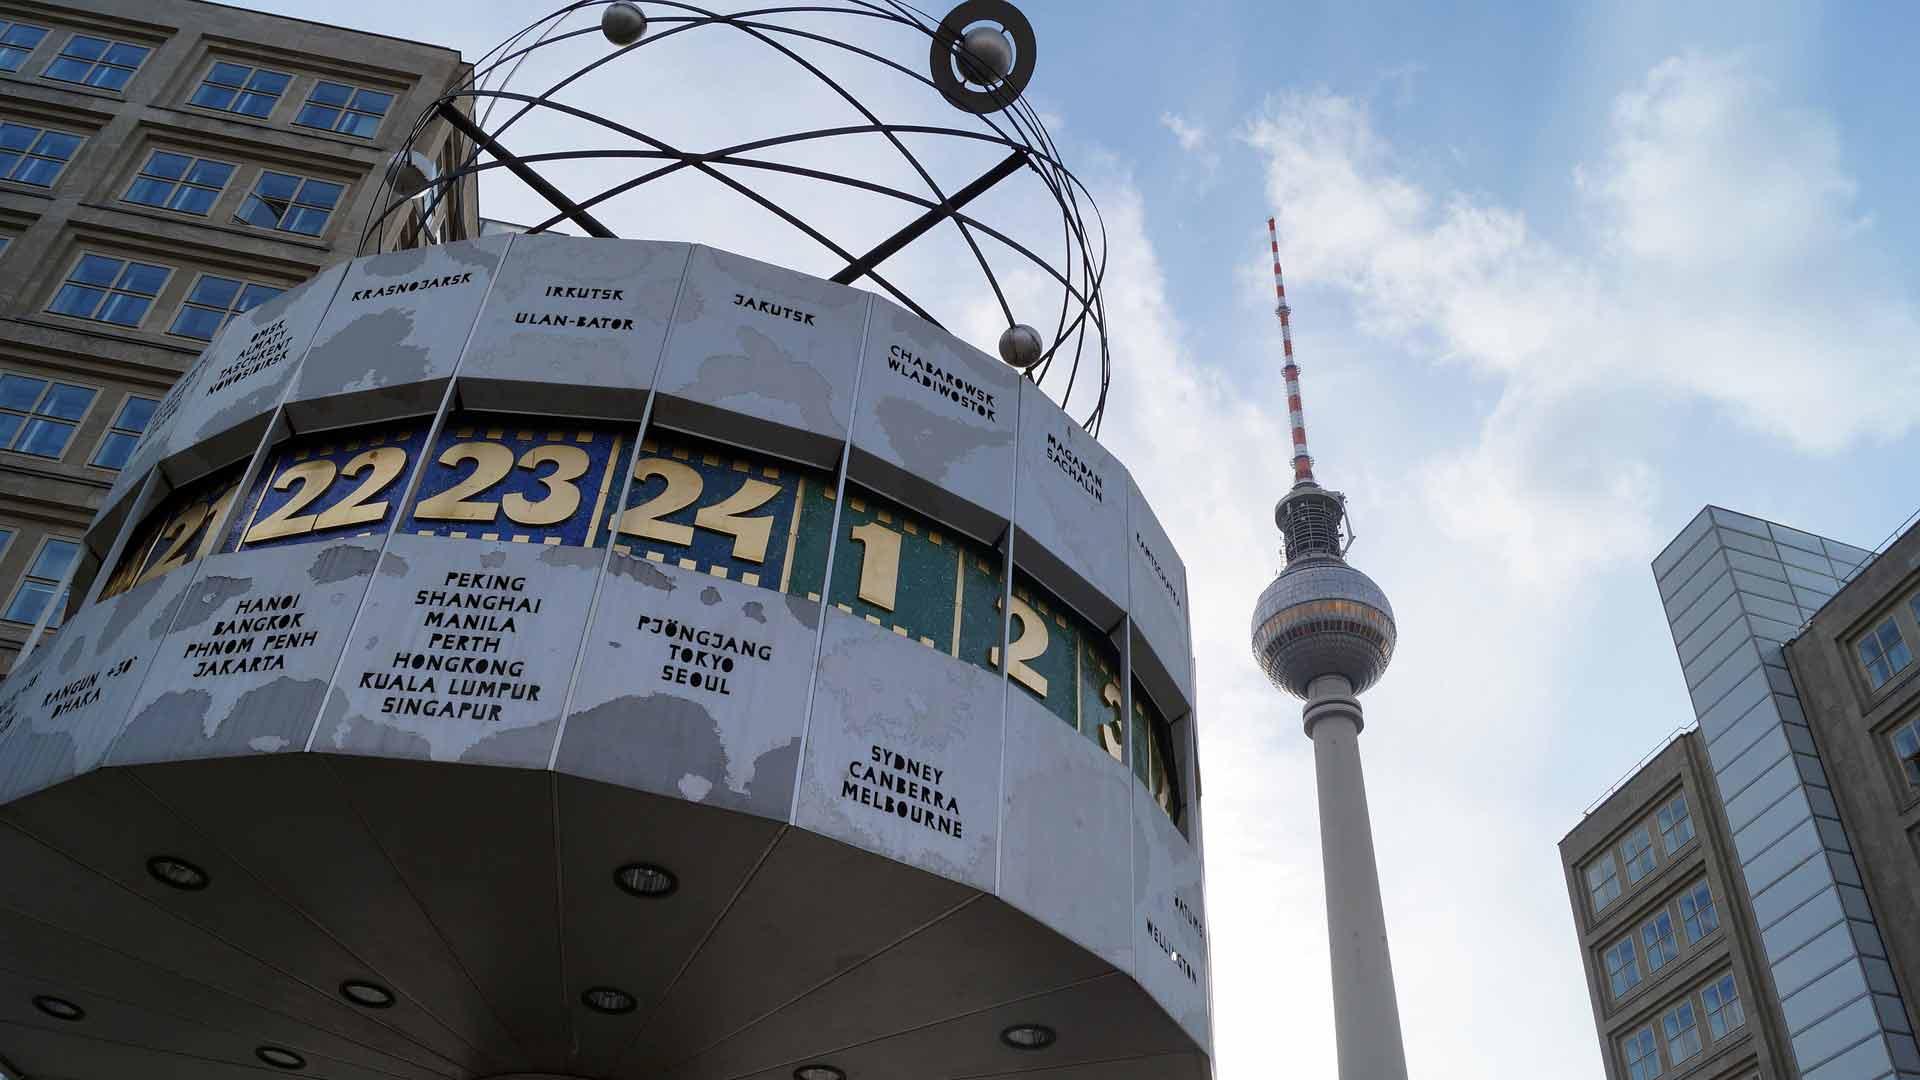 De wereldklok op de Alexanderplatz in Berlijn